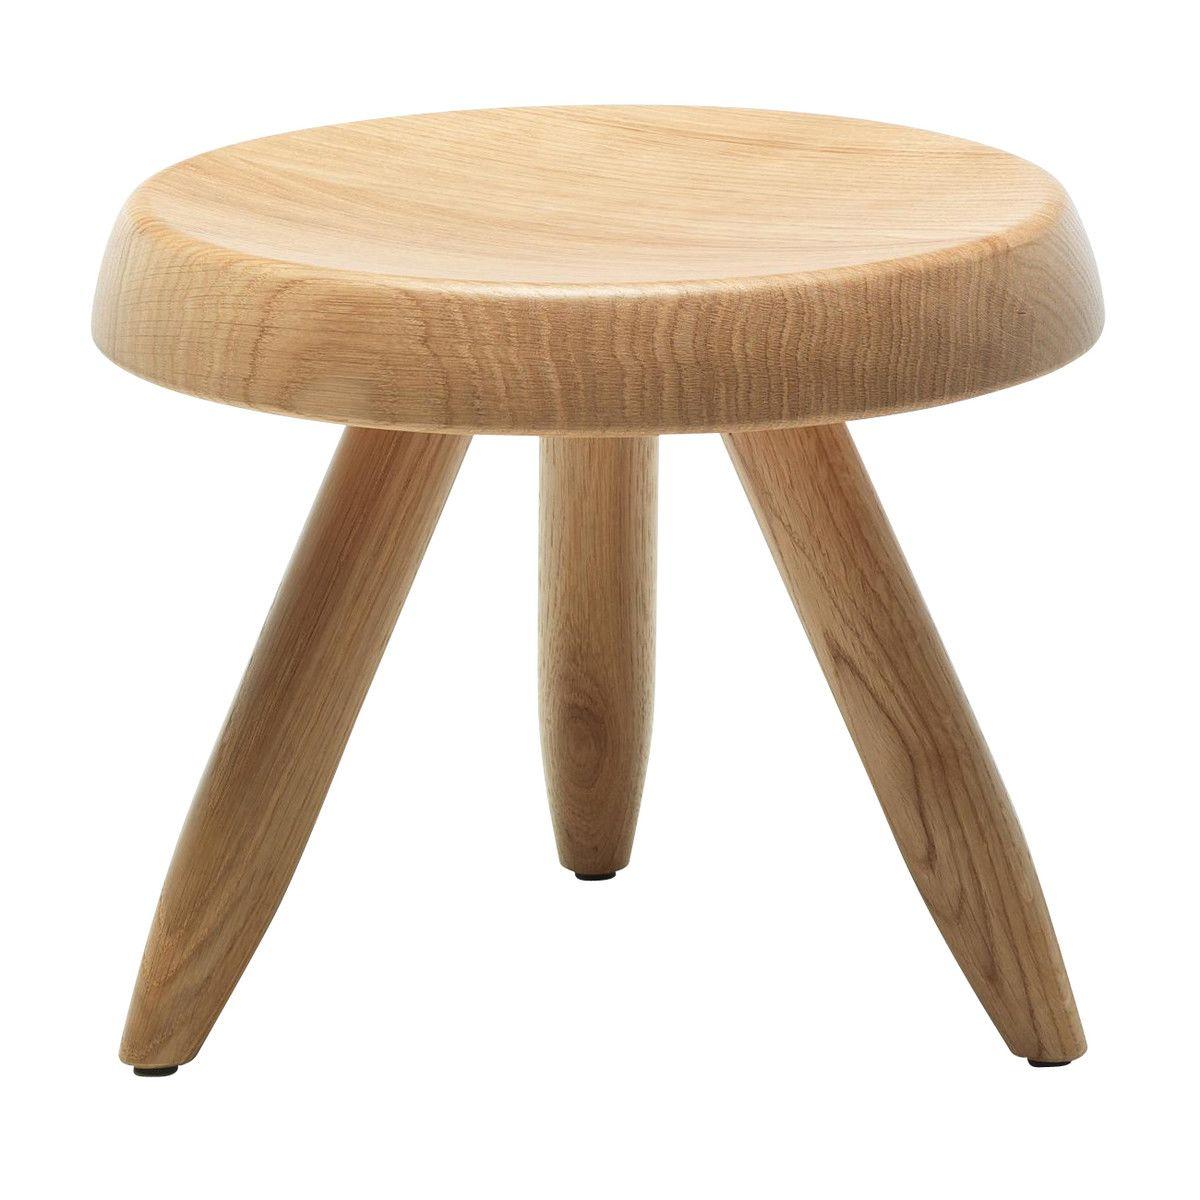 524 tabouret berger hocker cassina. Black Bedroom Furniture Sets. Home Design Ideas